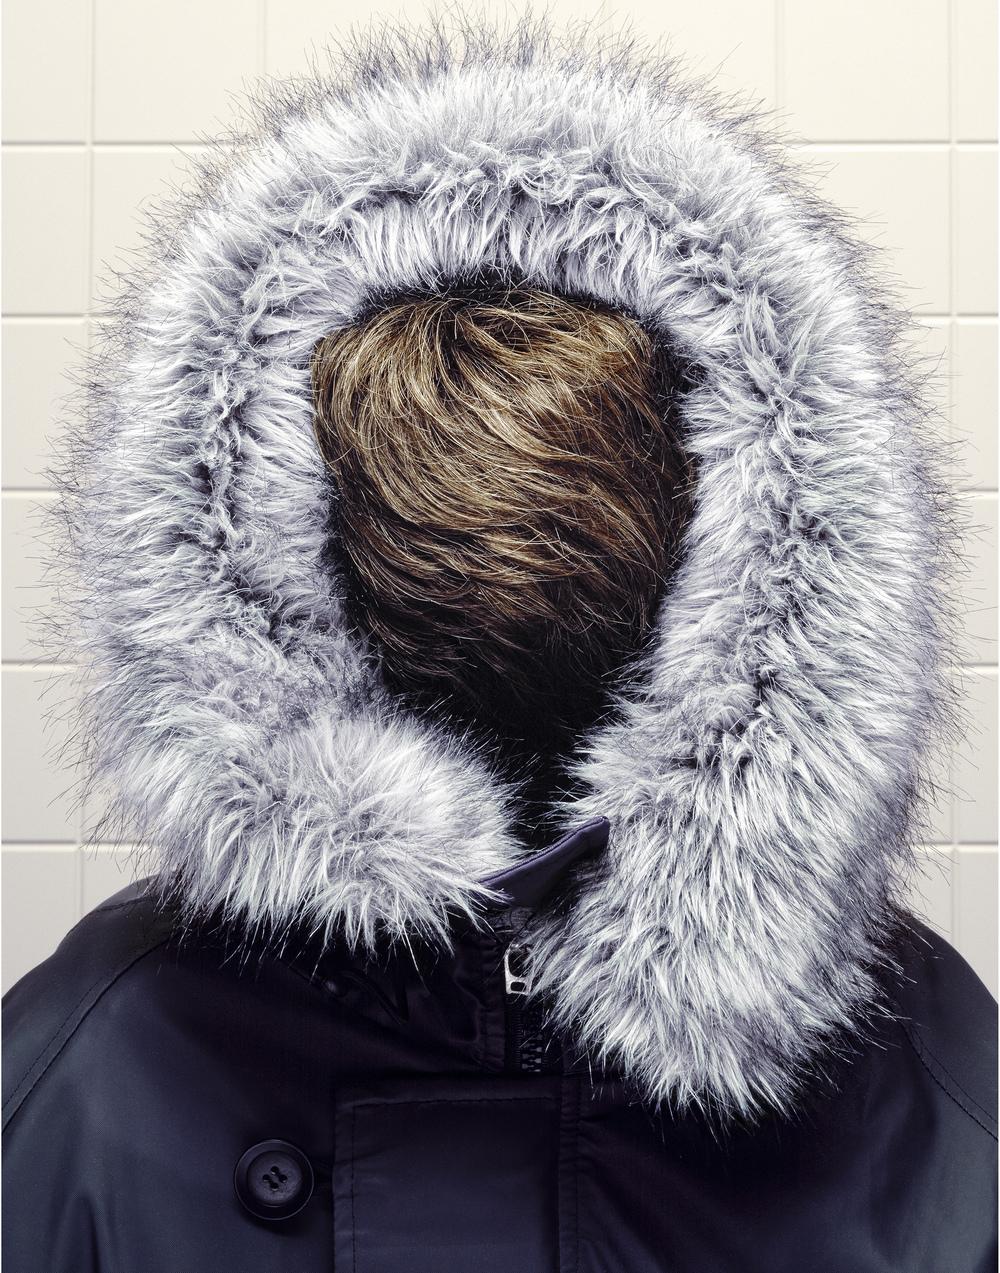 Hairy-face-hood.jpg